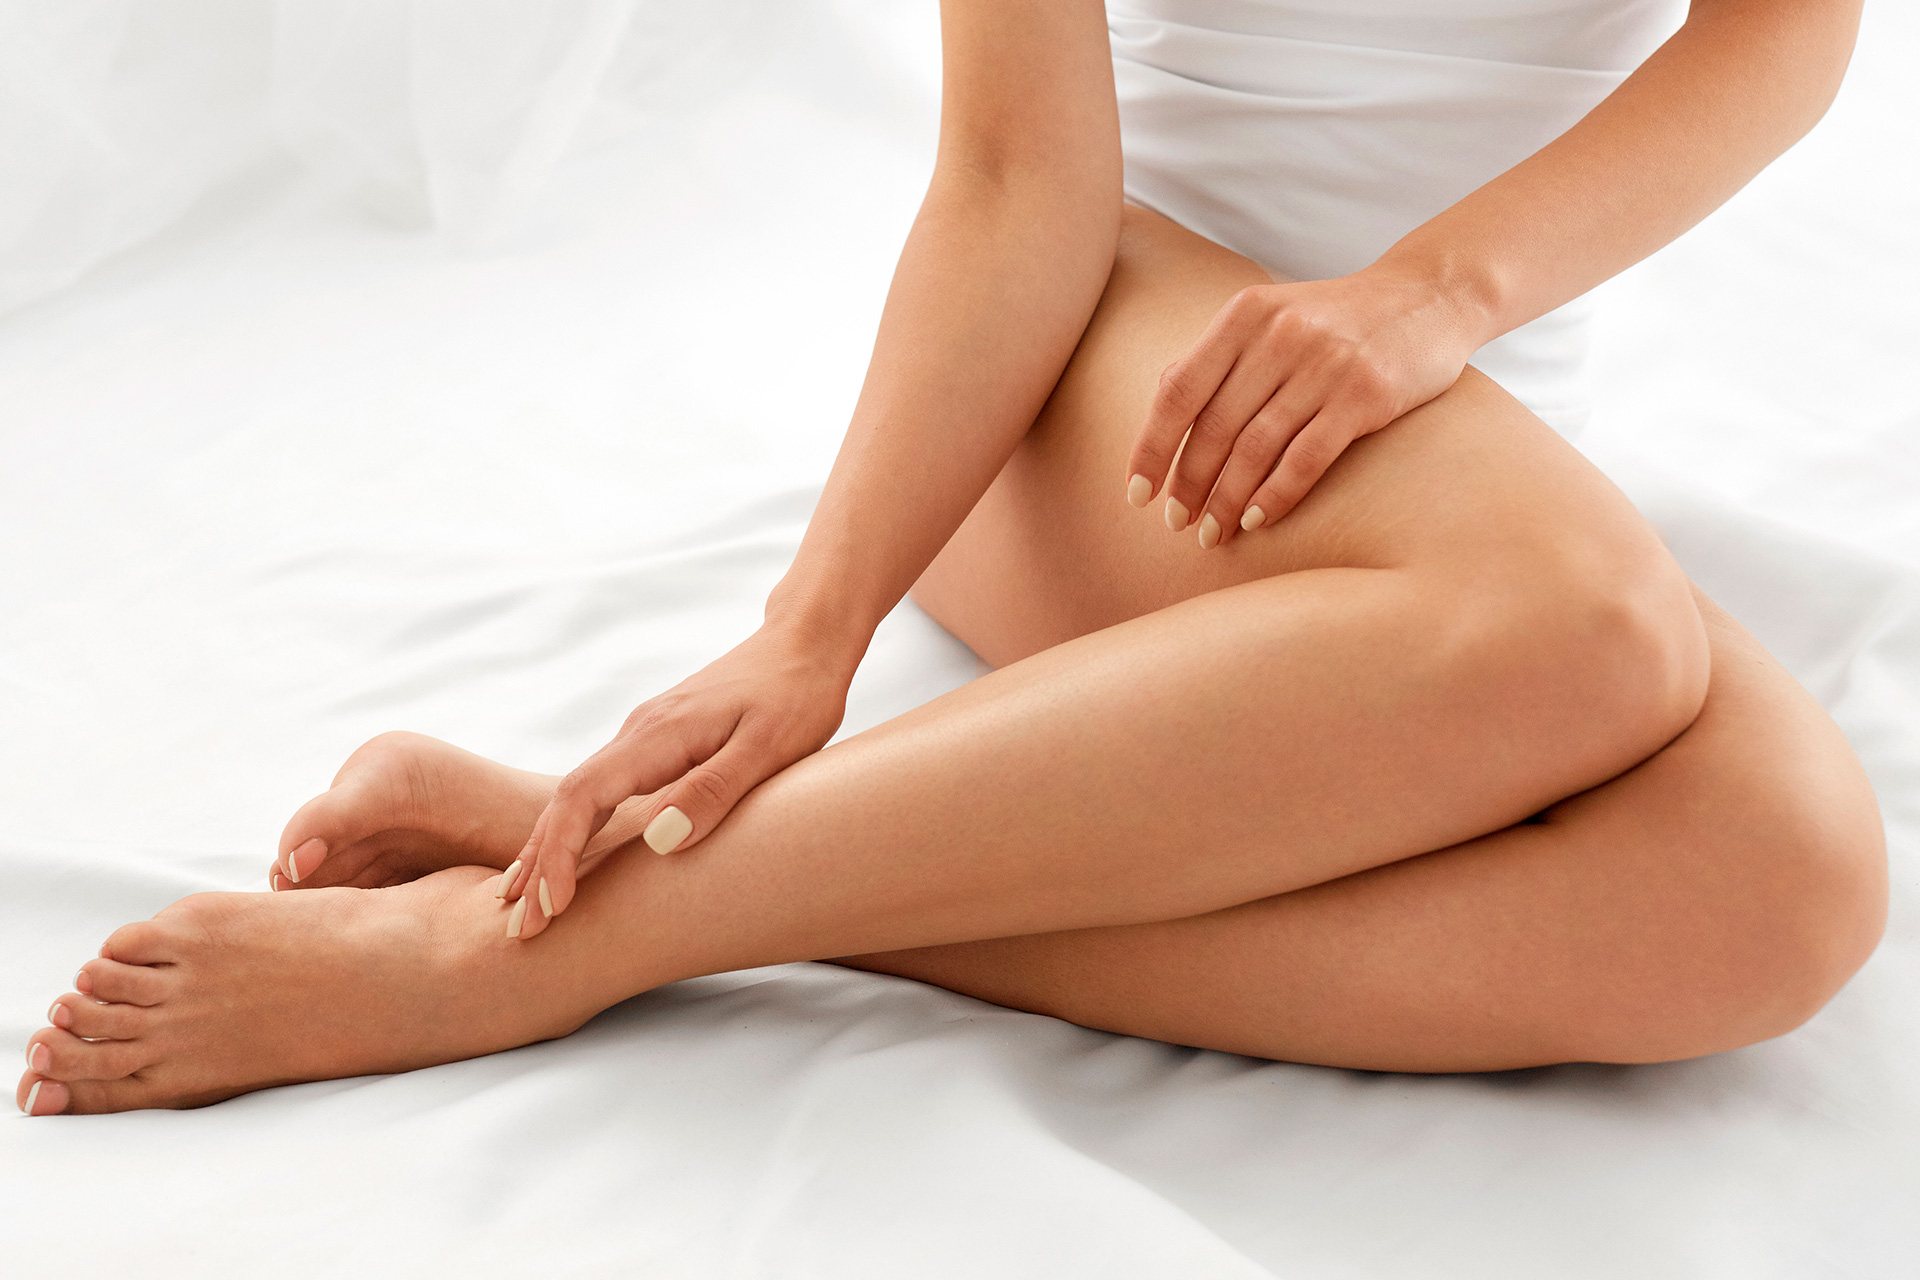 Epiladerm trajna depilacija